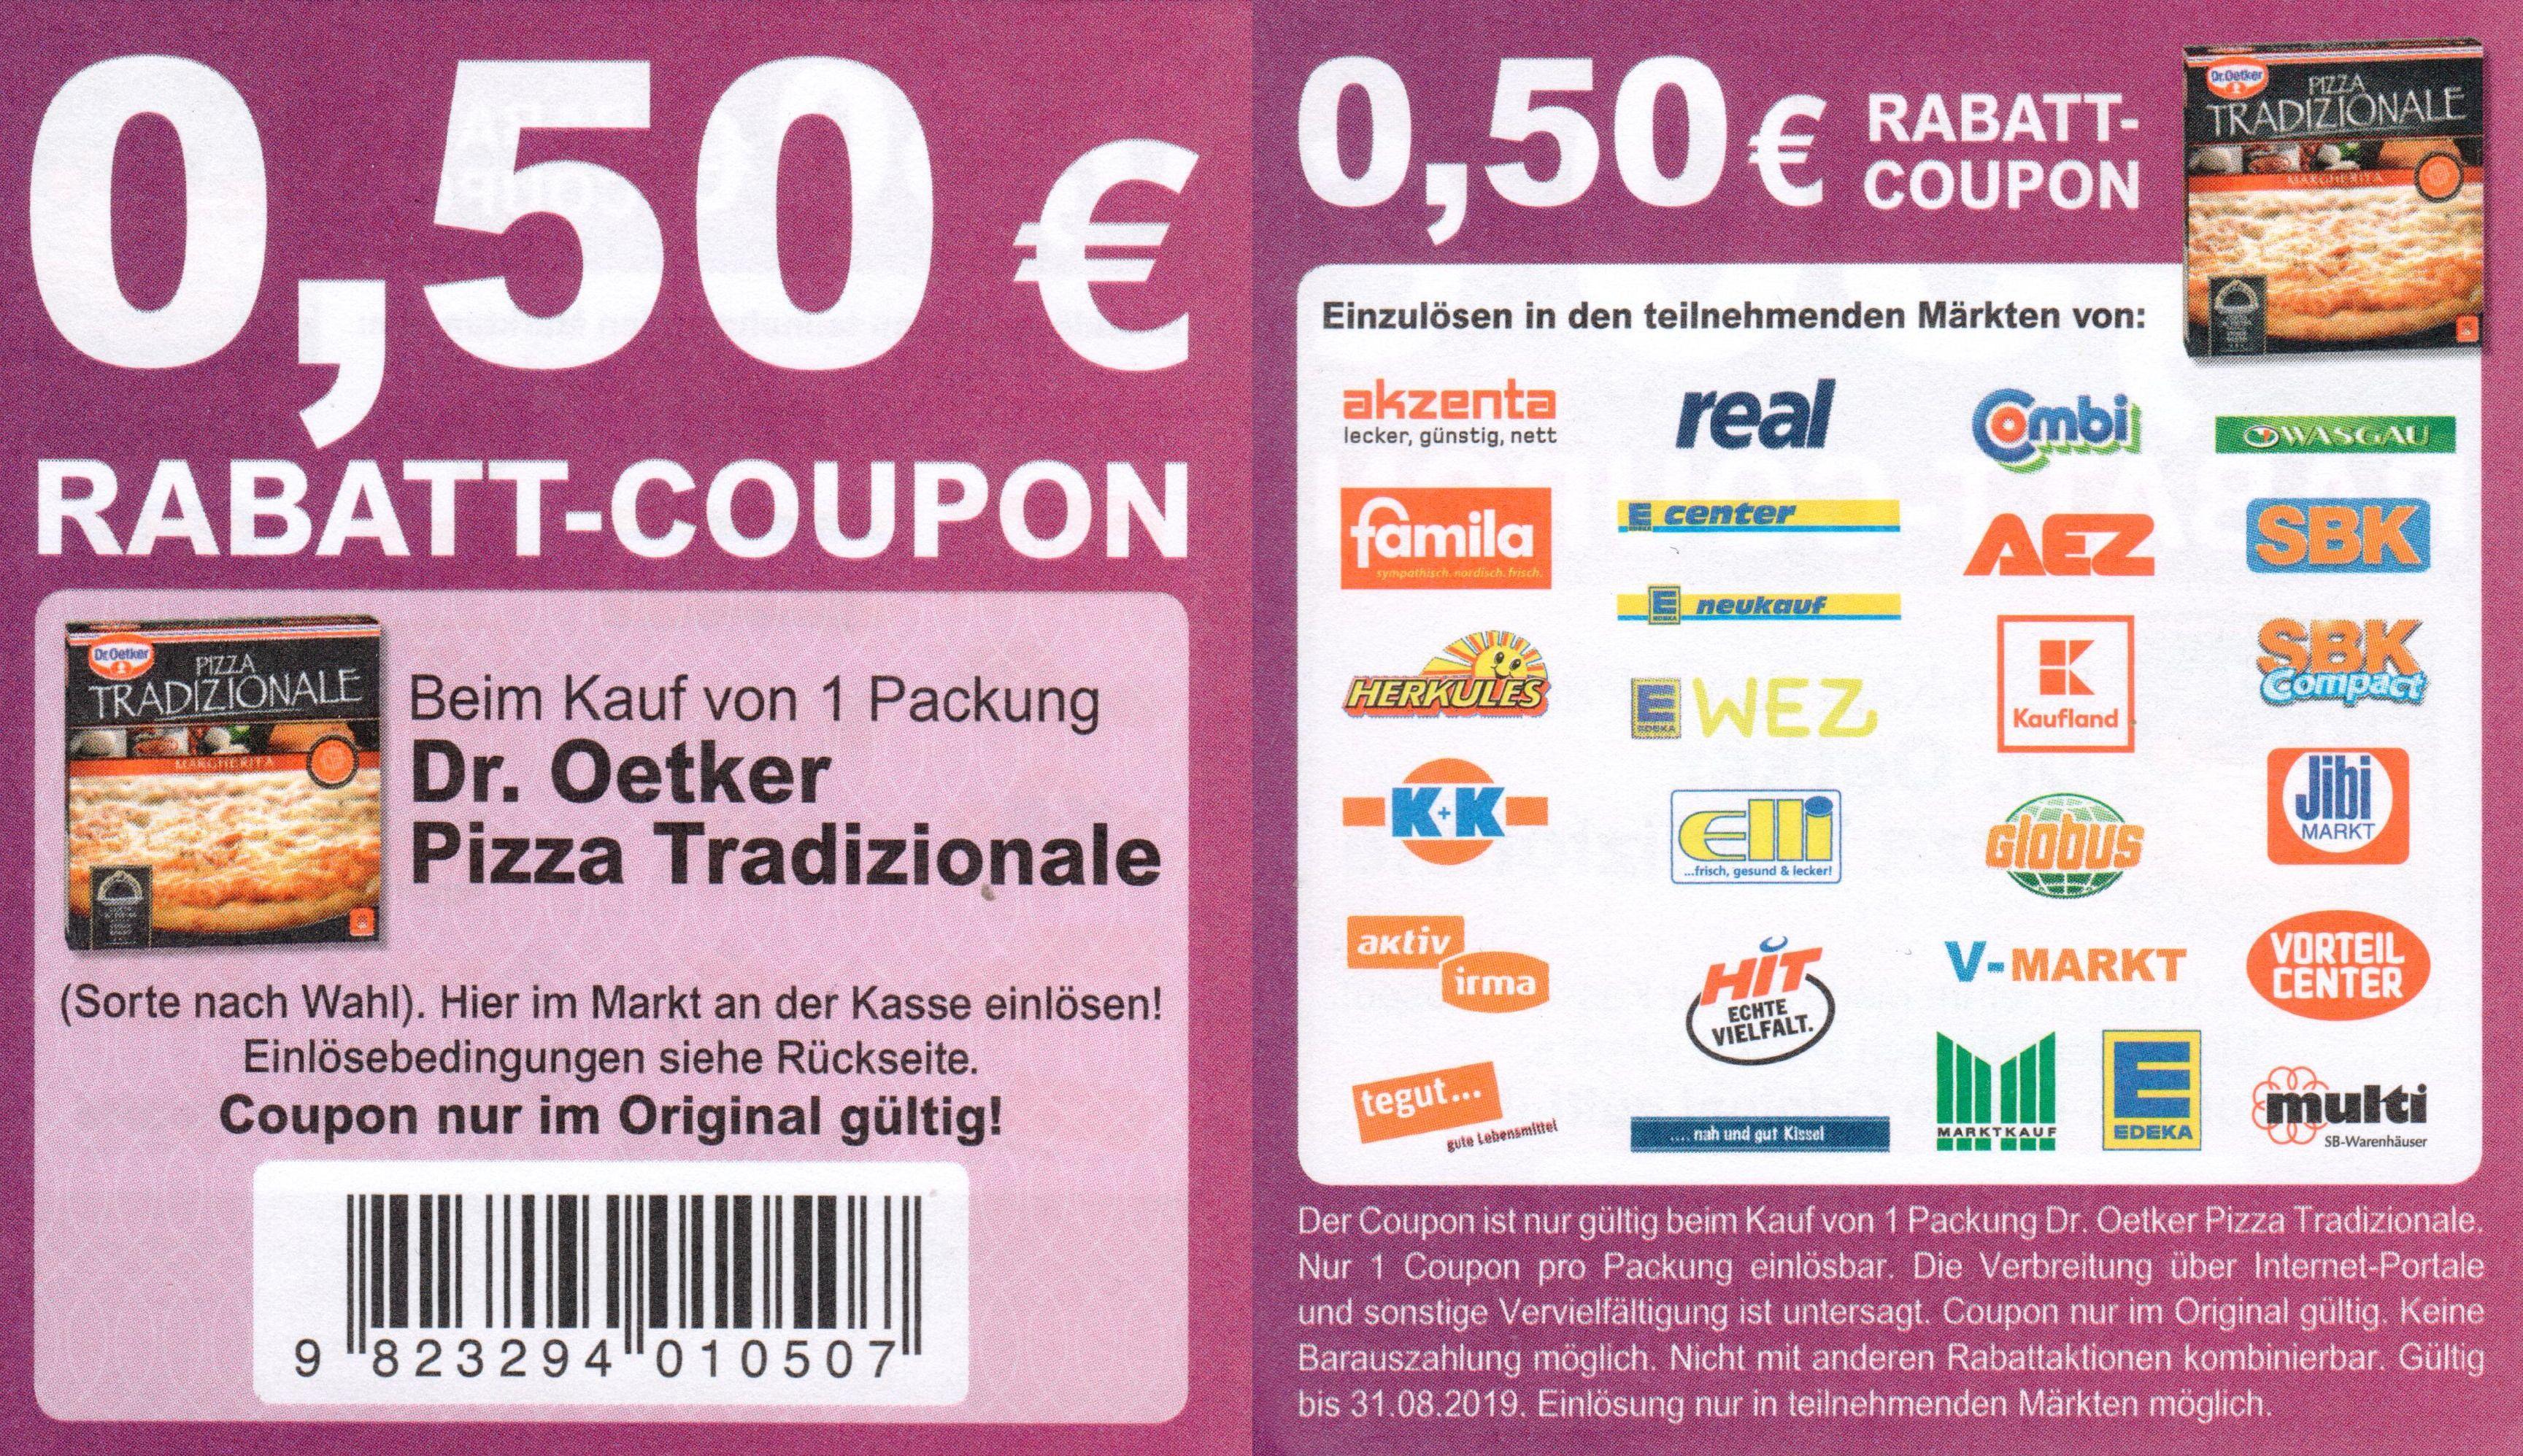 0,50€ Sofort-Rabatt Coupon für Dr. Oekter Pizza Tradizionale bis 31.08.2019